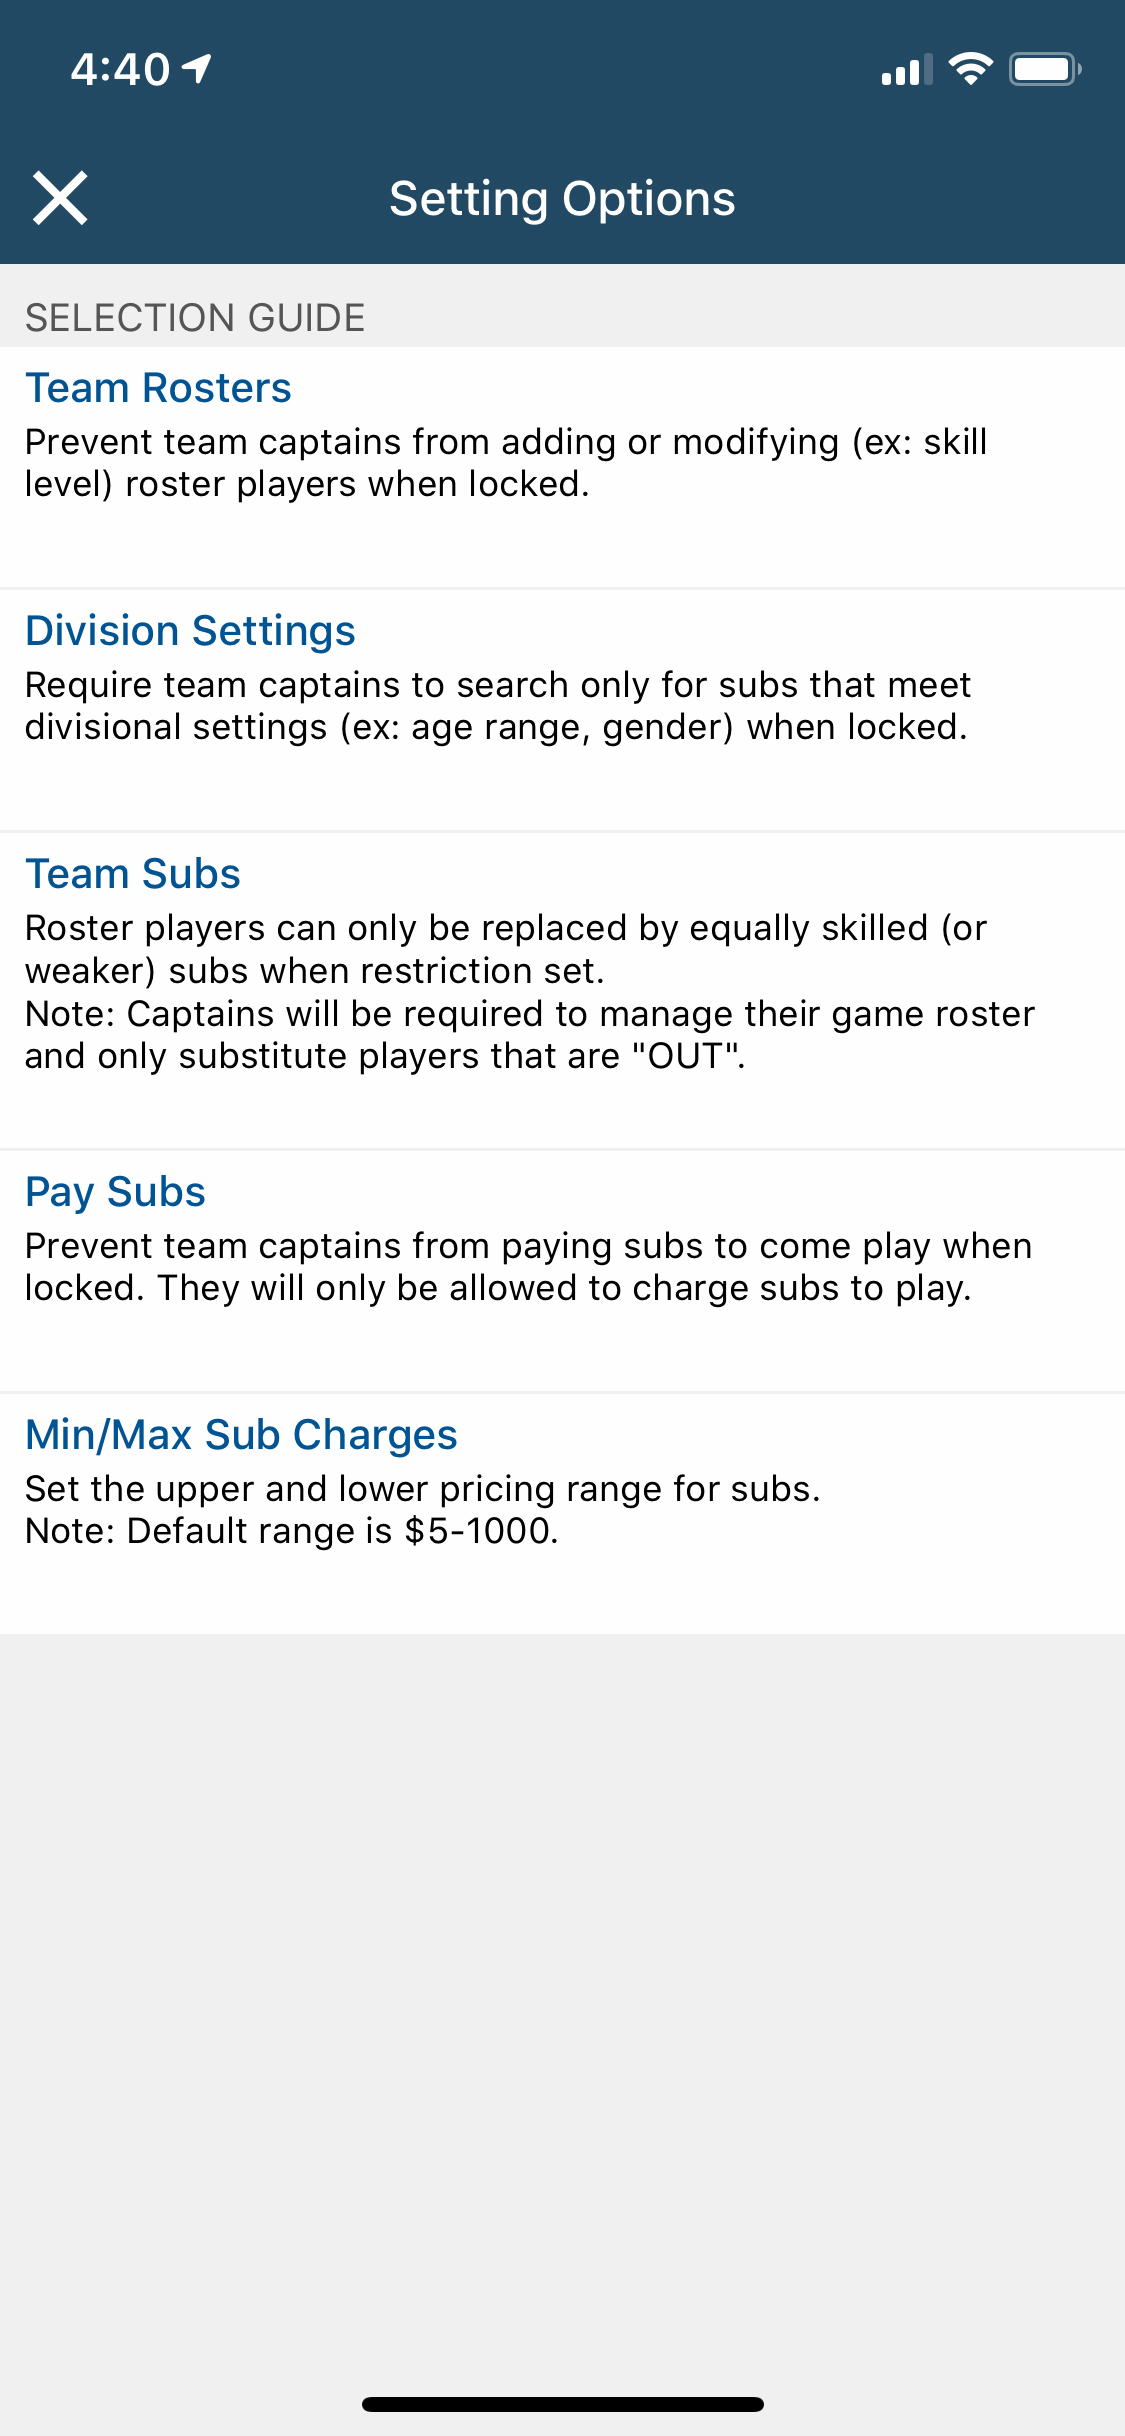 league-settings-options